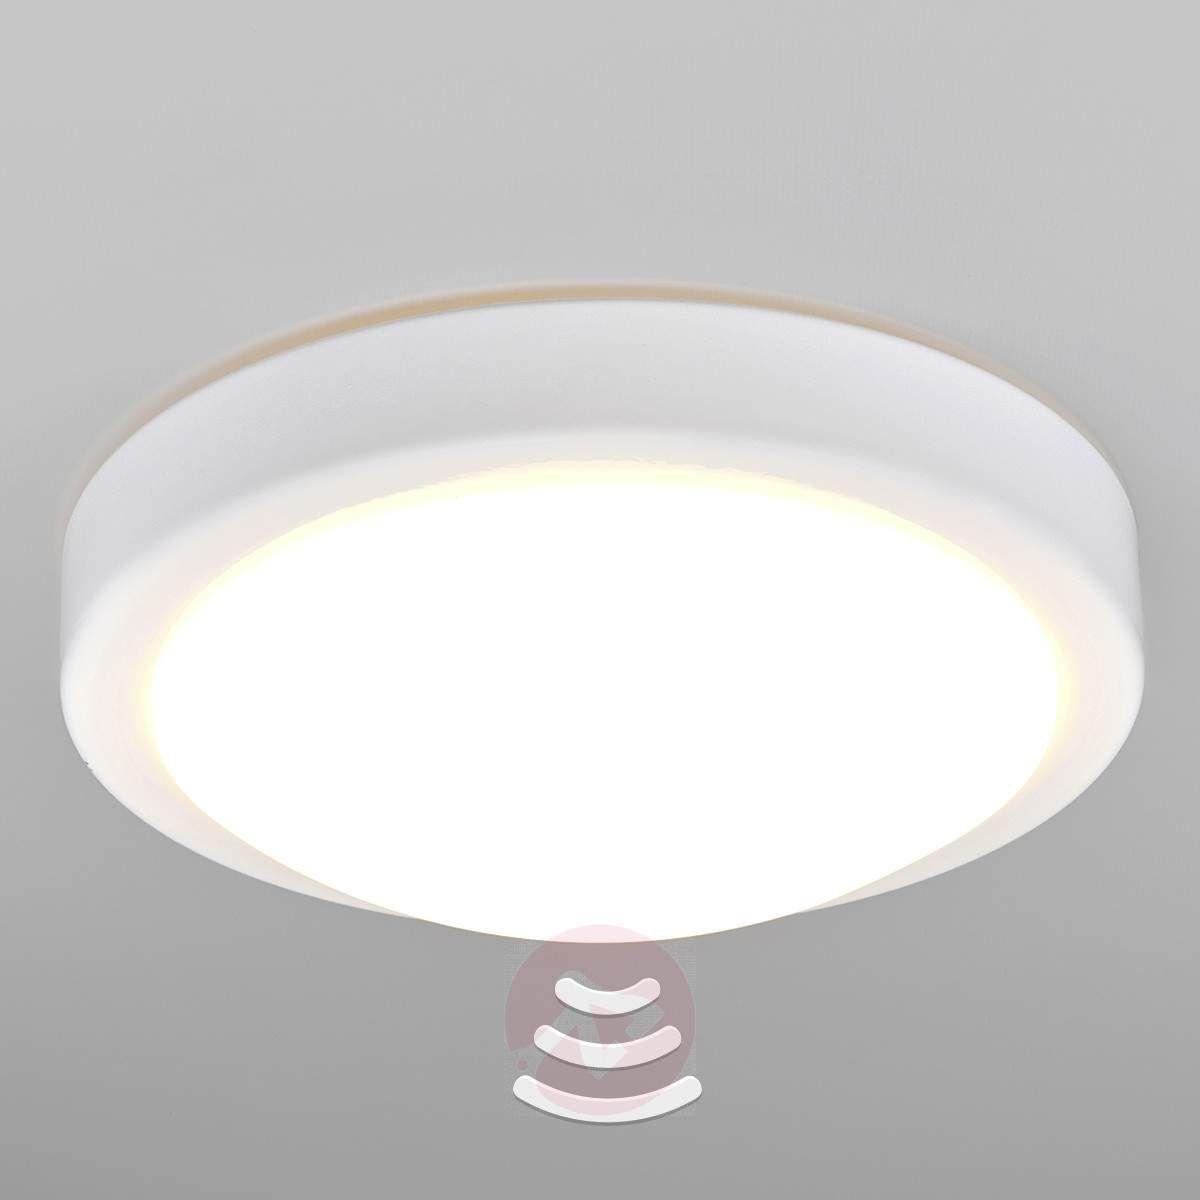 Badezimmer Led Deckenlampe Aras Mit Sensor Weiss Sensor